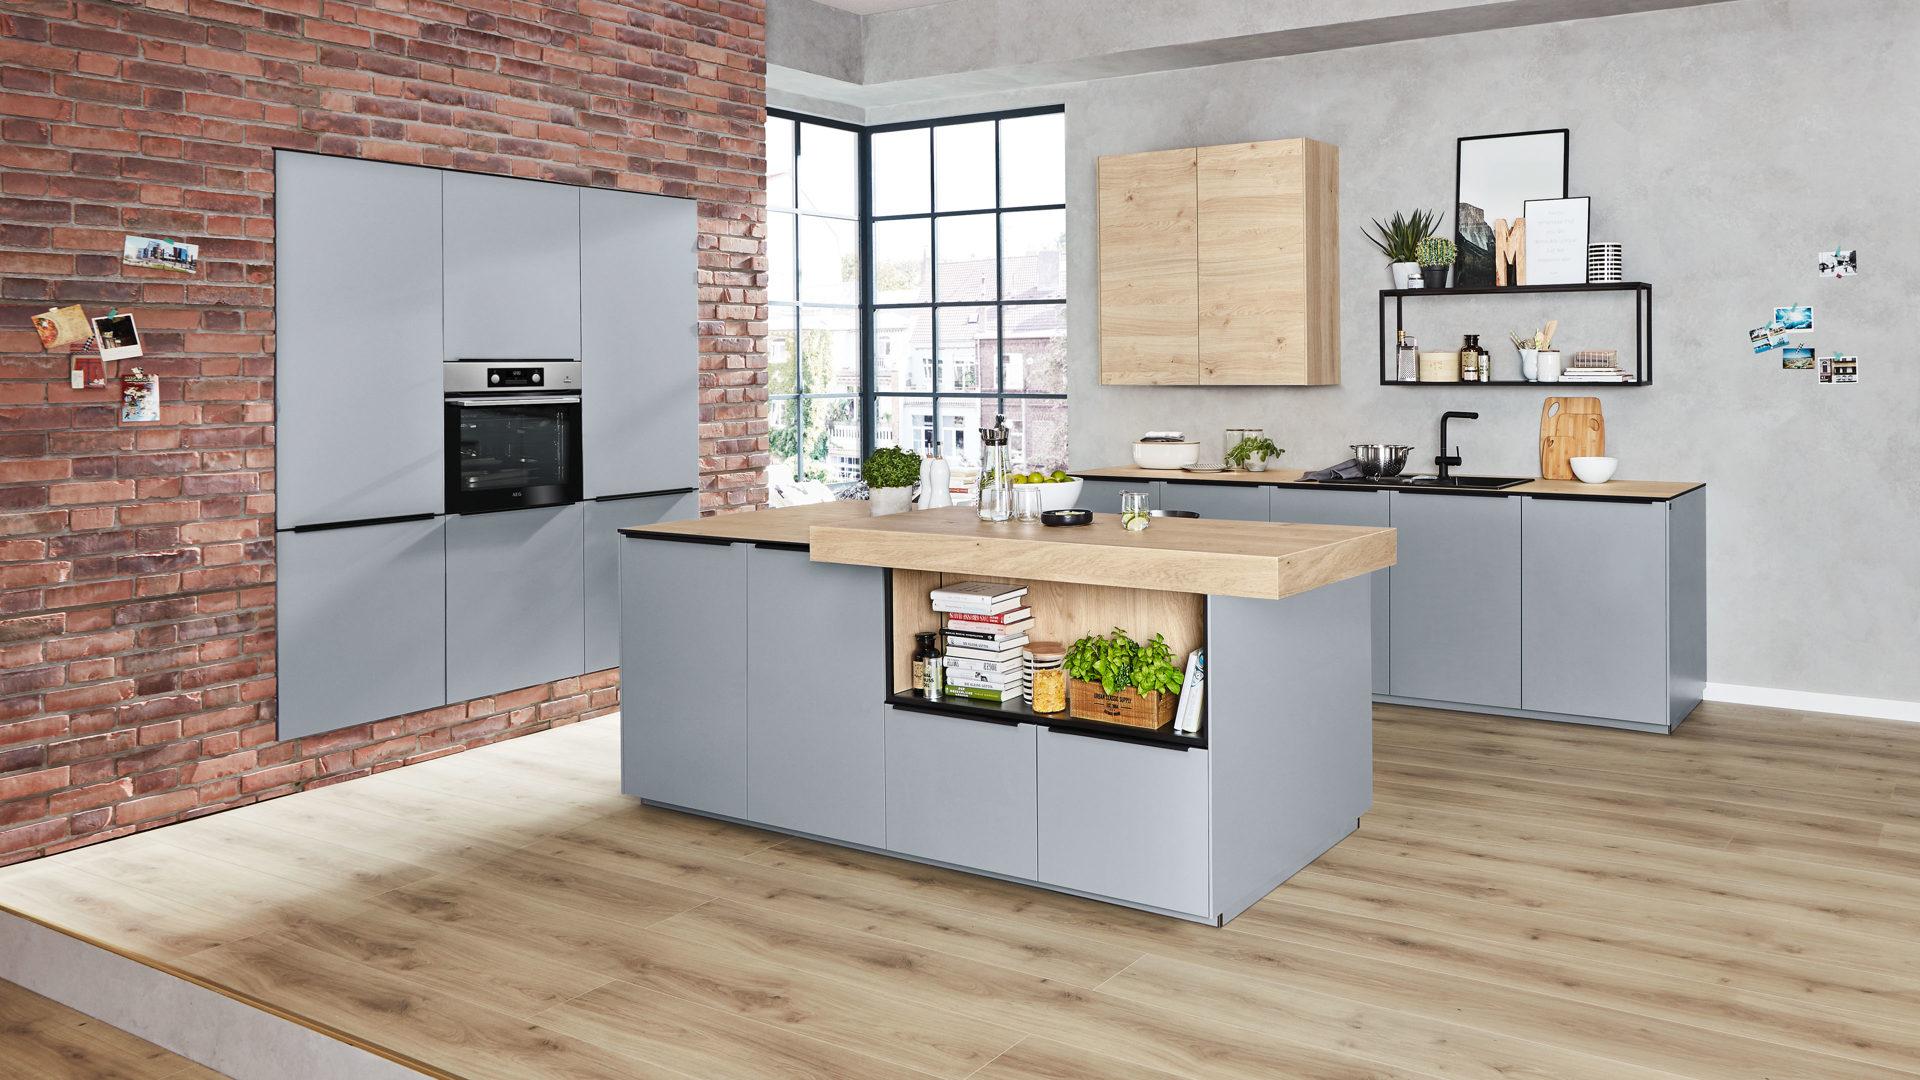 Interliving Küche Serie 3025 mit AEG Einbaugeräten, papyrusgraue &  asteichefarbene Kunststoffoberflächen – dreiteilig